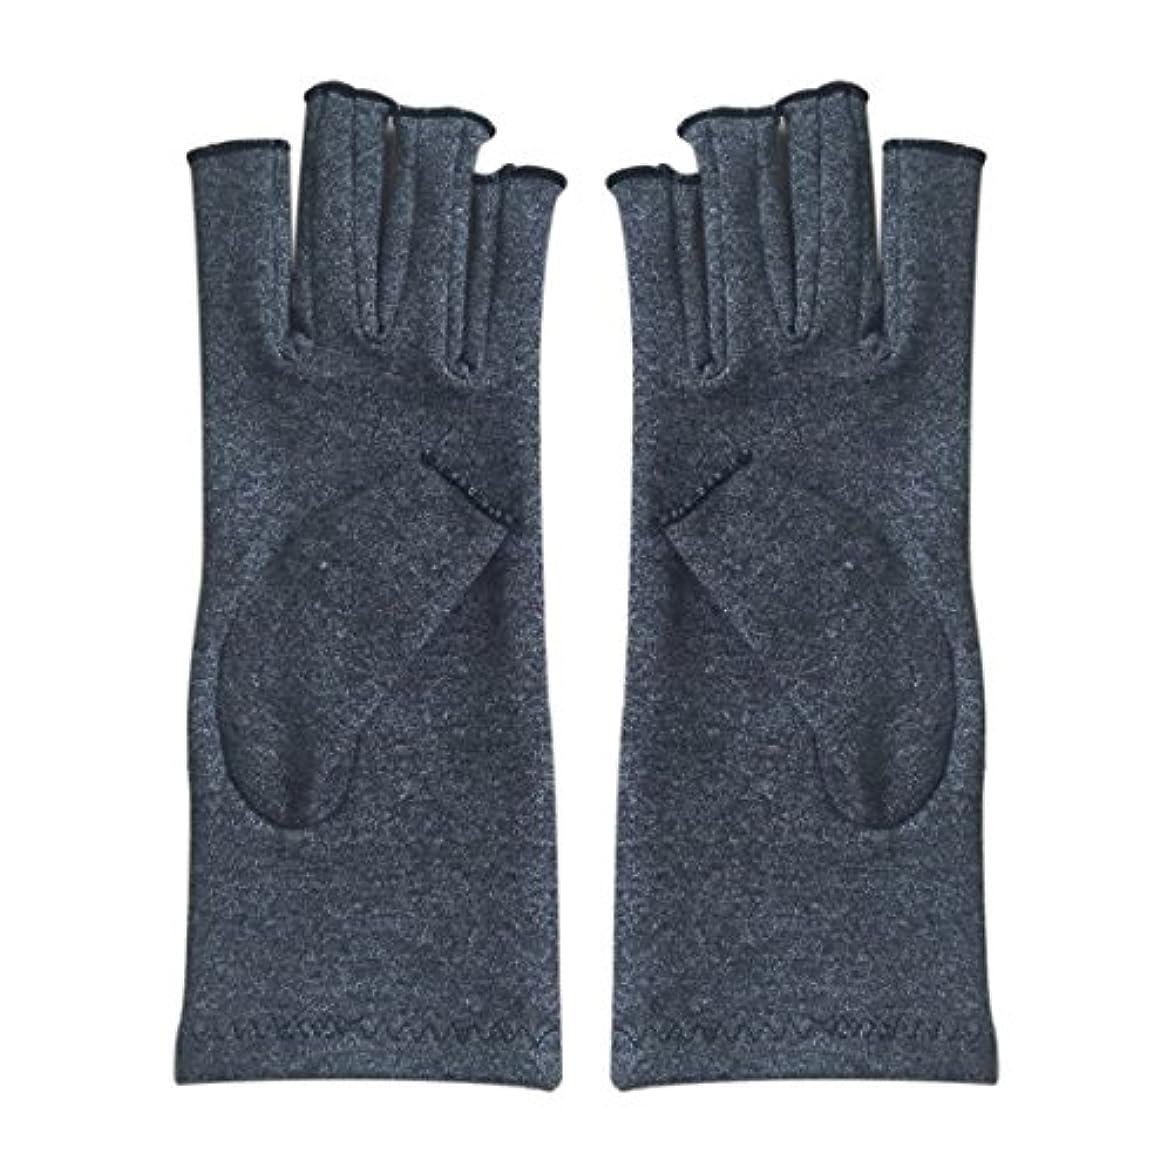 図放送アパートCUHAWUDBA 1ペア成人男性女性用弾性コットンコンプレッション手袋手関節炎関節痛鎮痛軽減M - 灰色、M